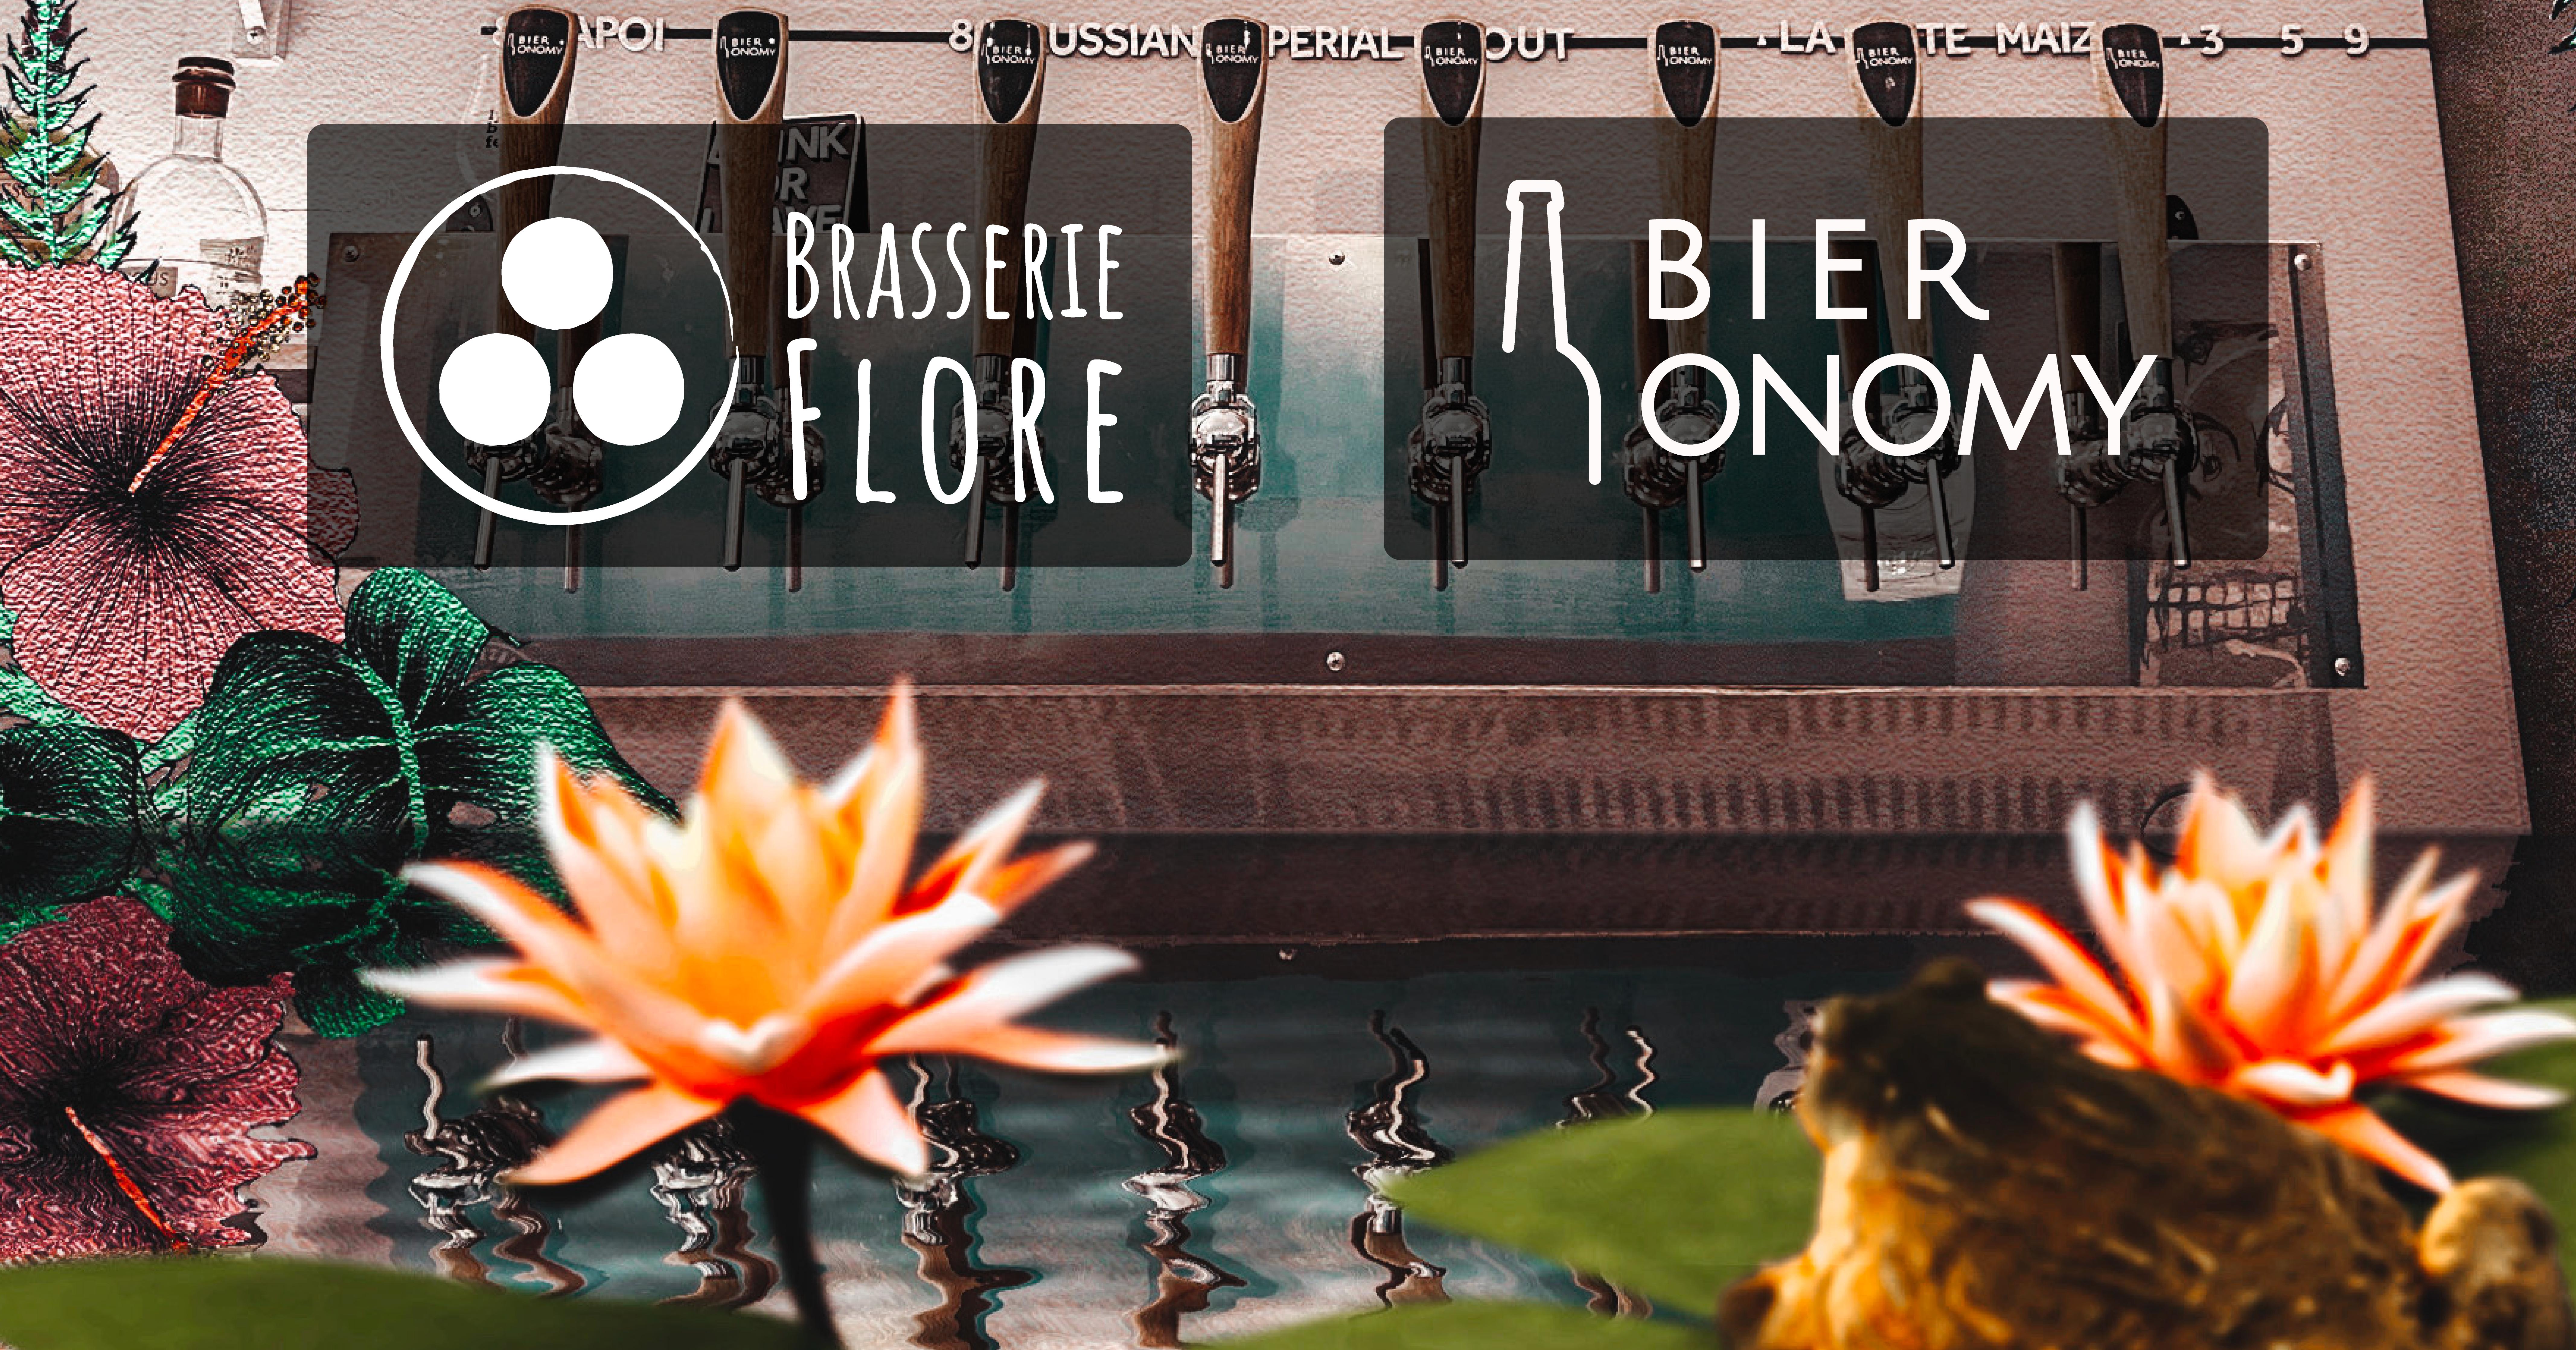 Événement Brasserie Flore Bar Bieronomy